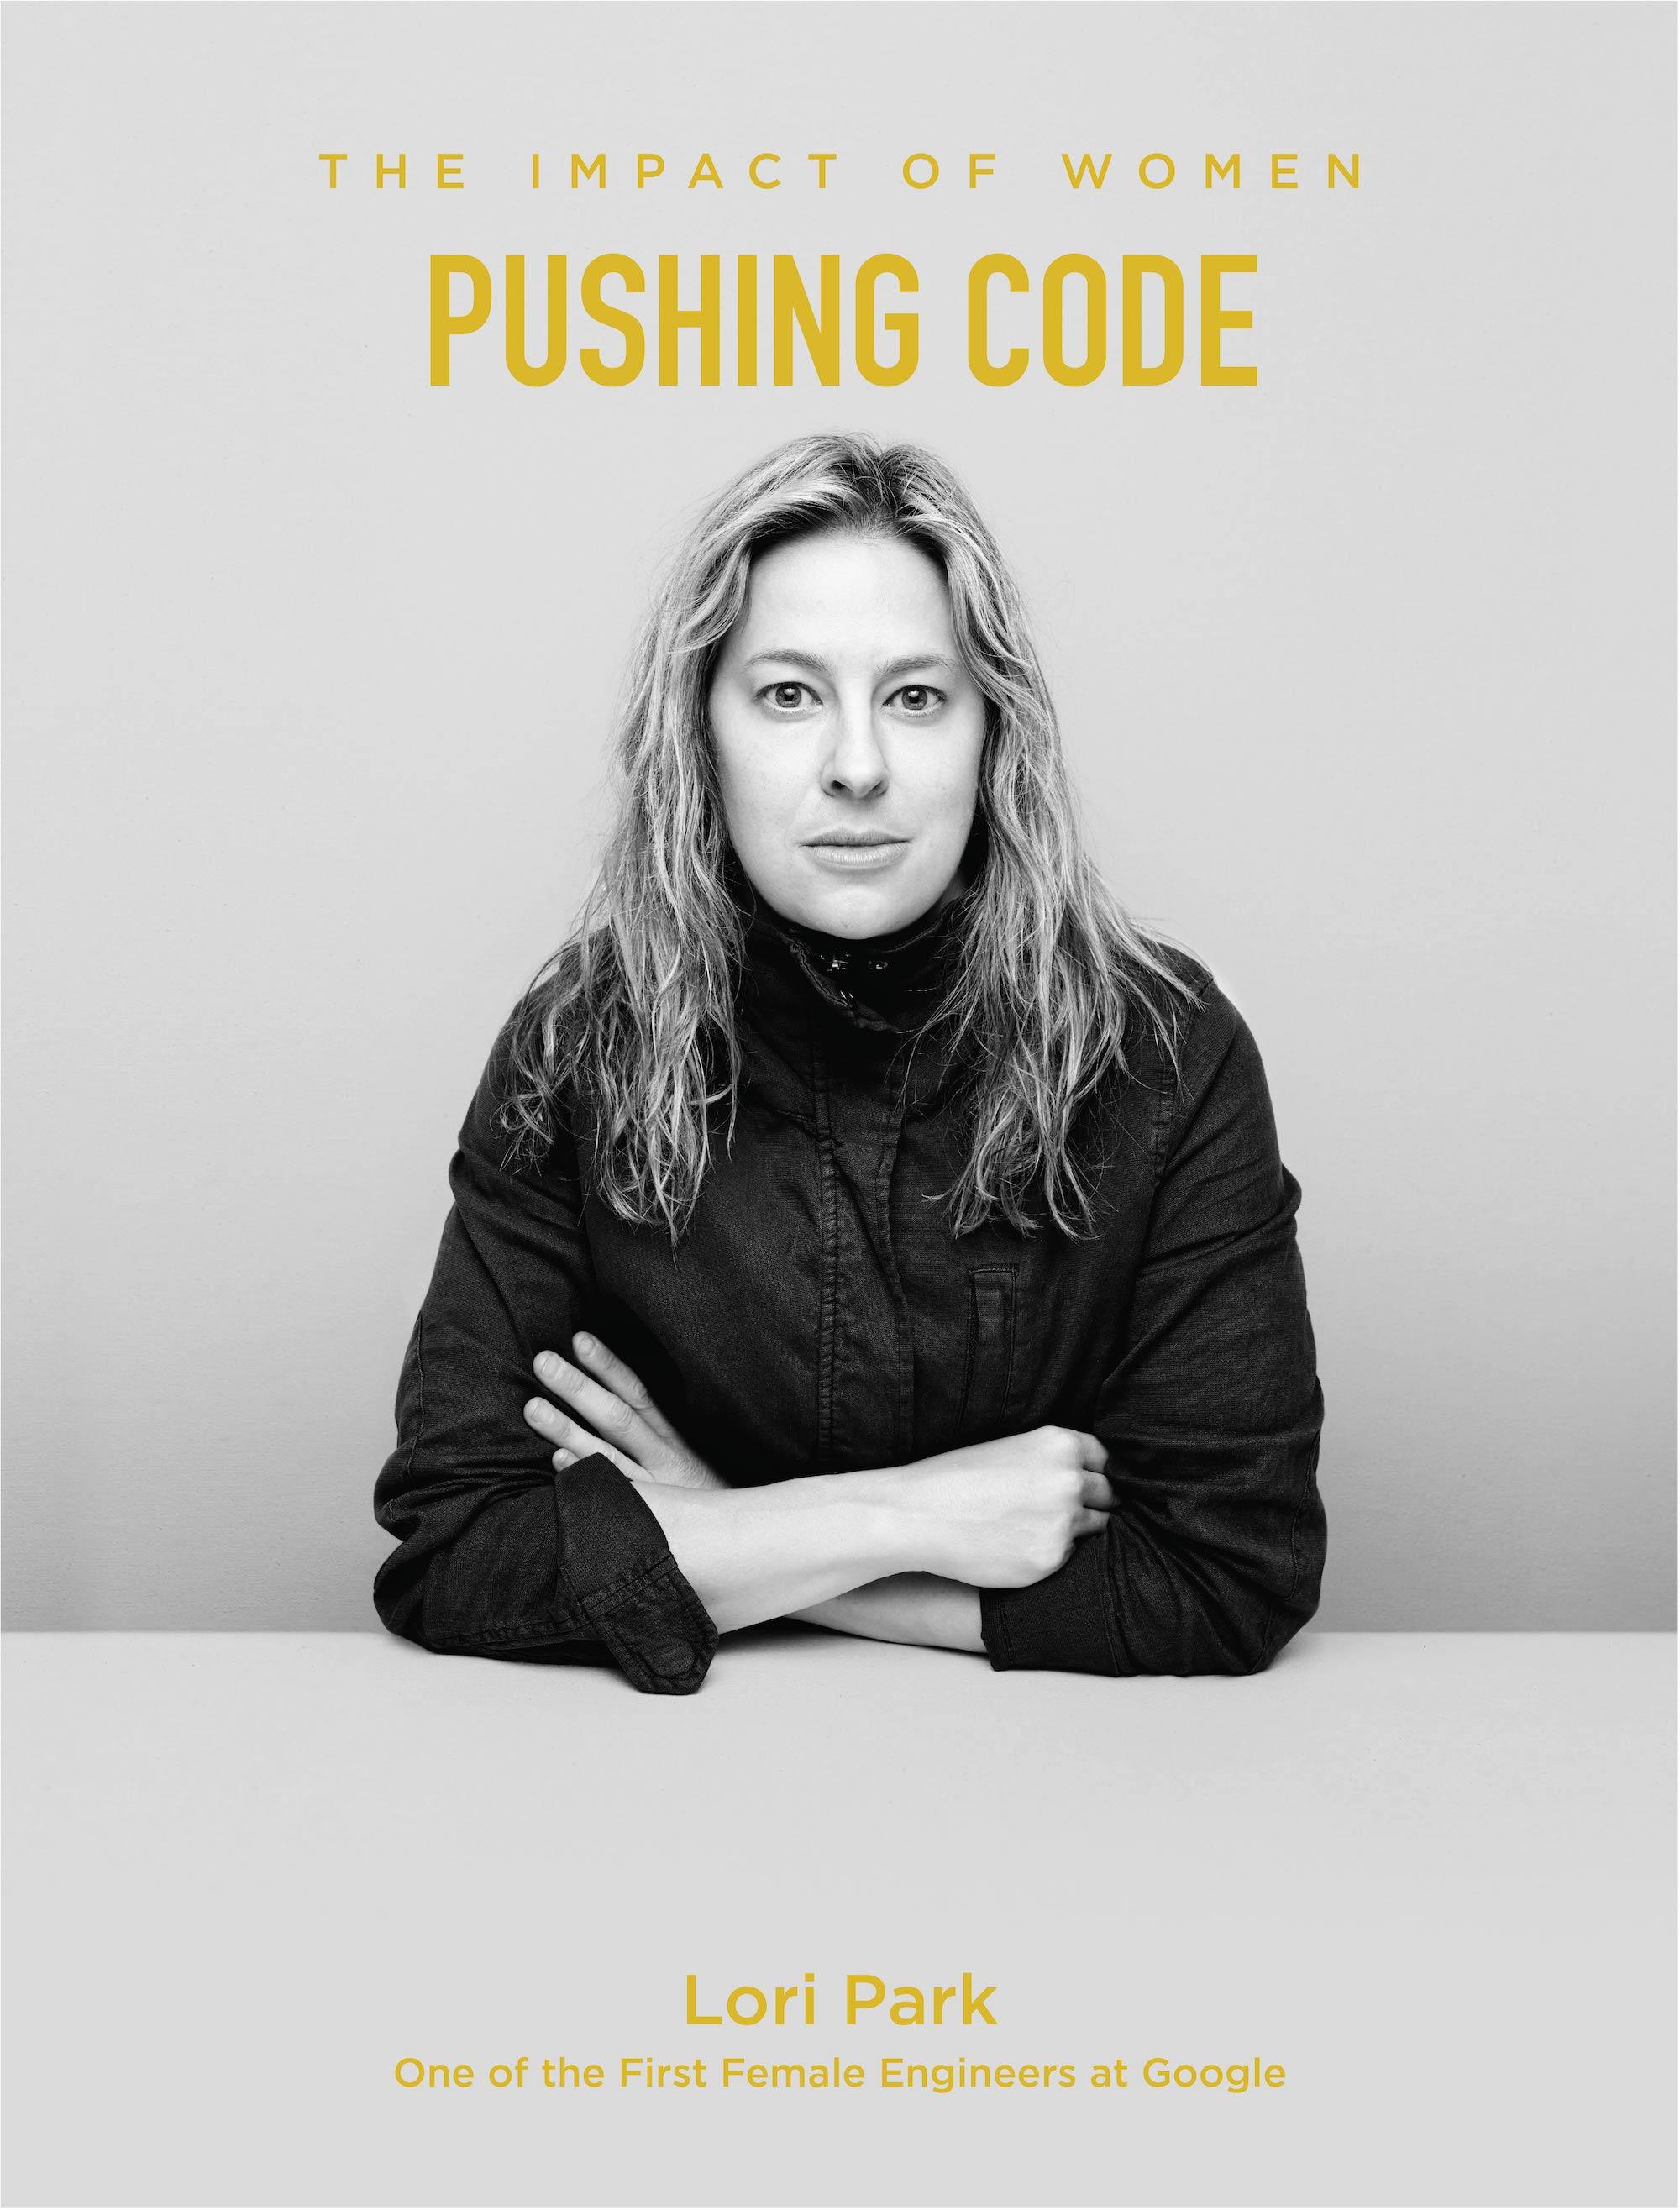 Lori Park is Pushing Code